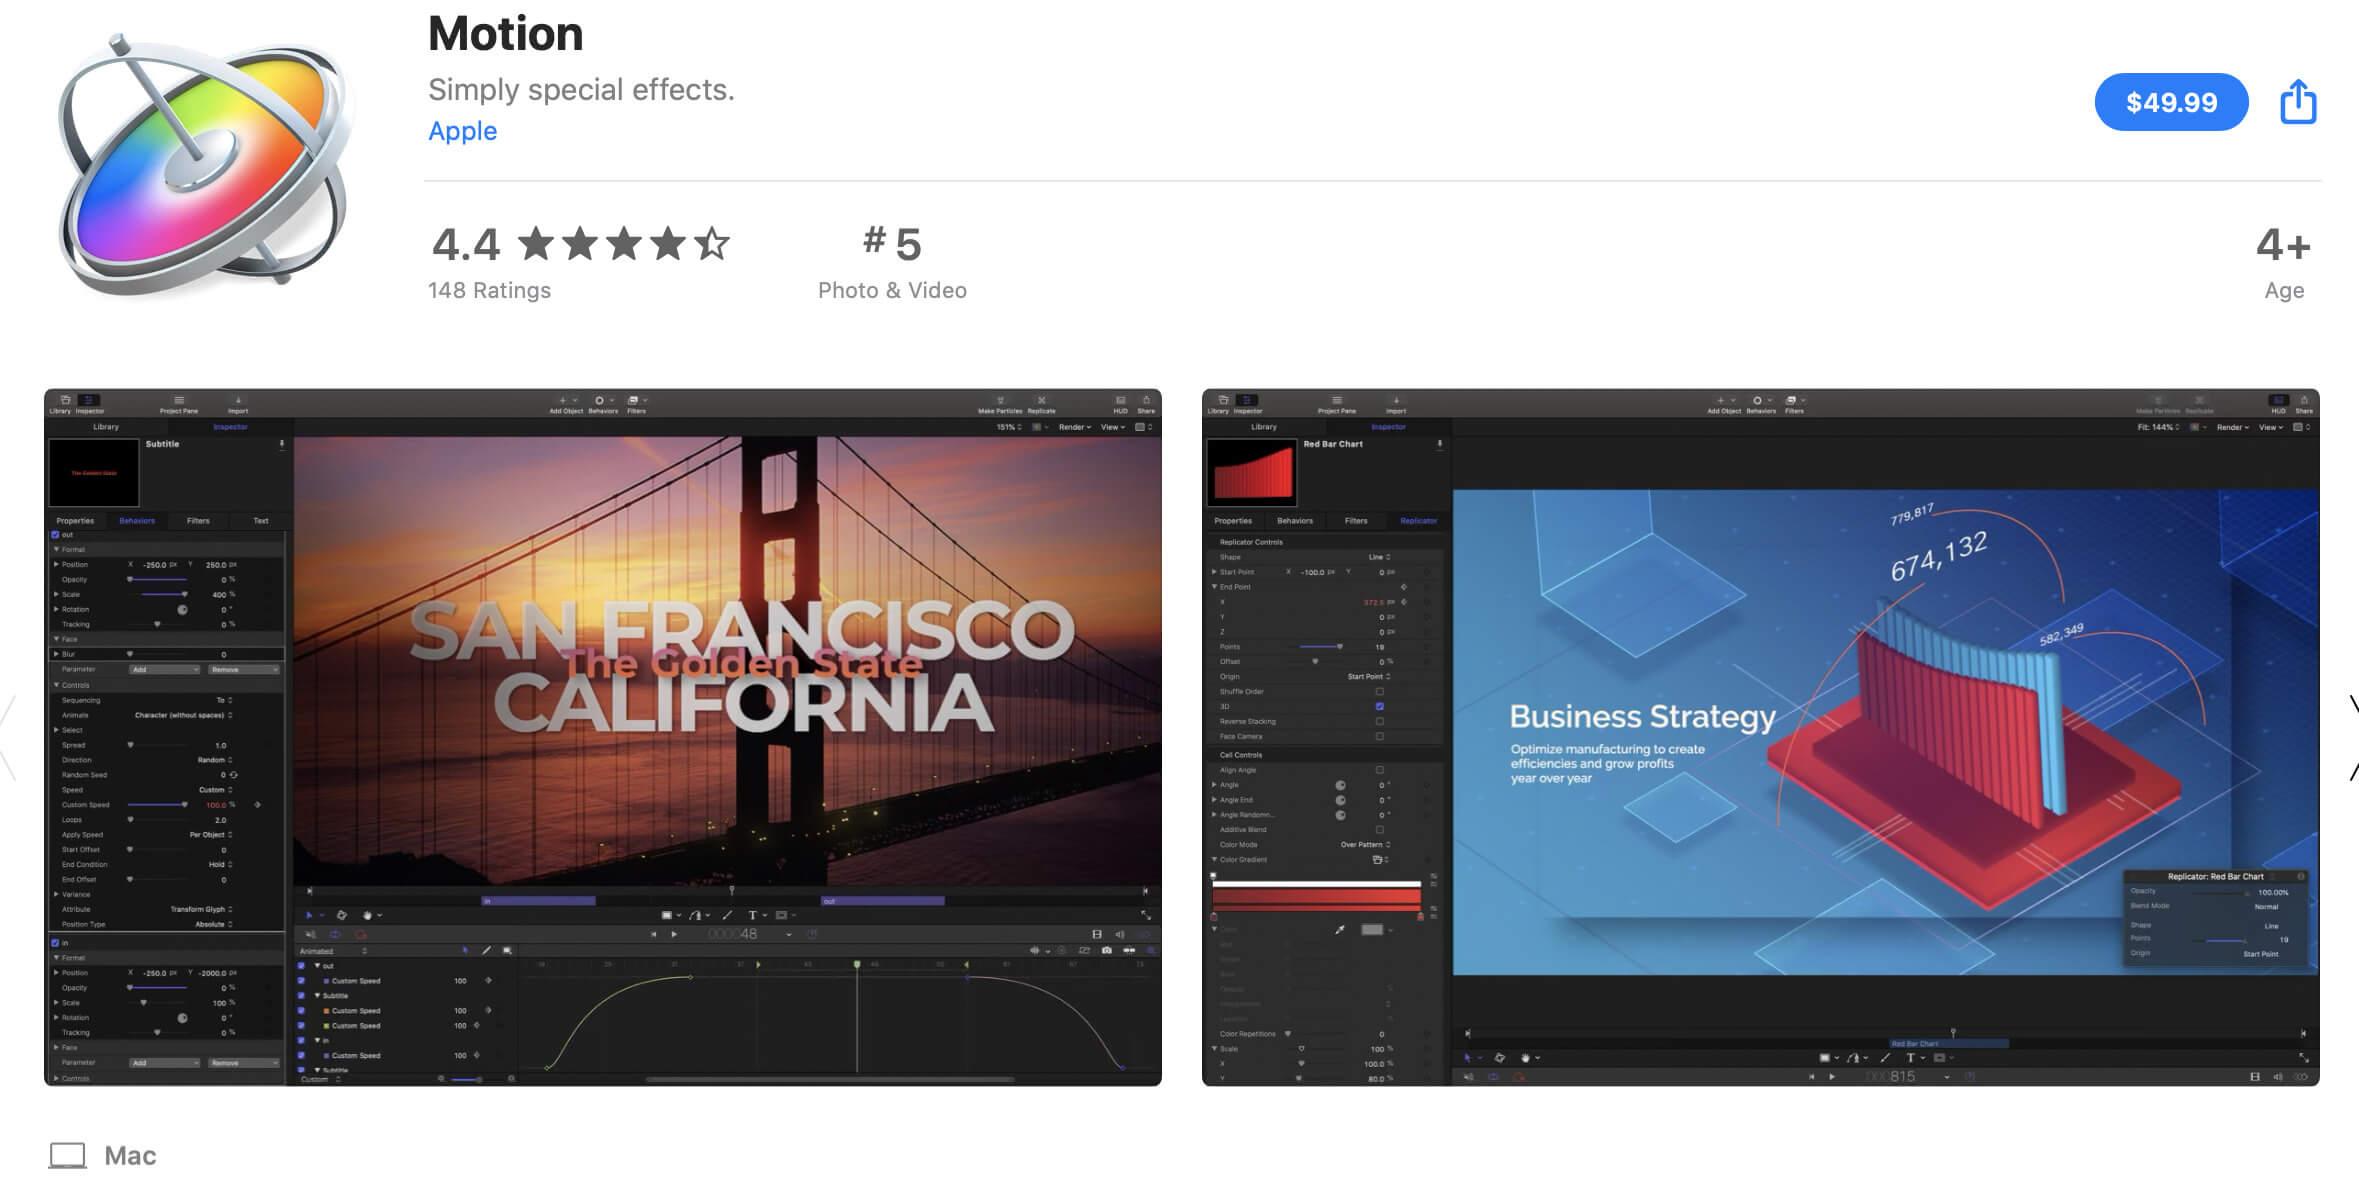 Final Cut Pro or Adobe Premiere - Apple Motion